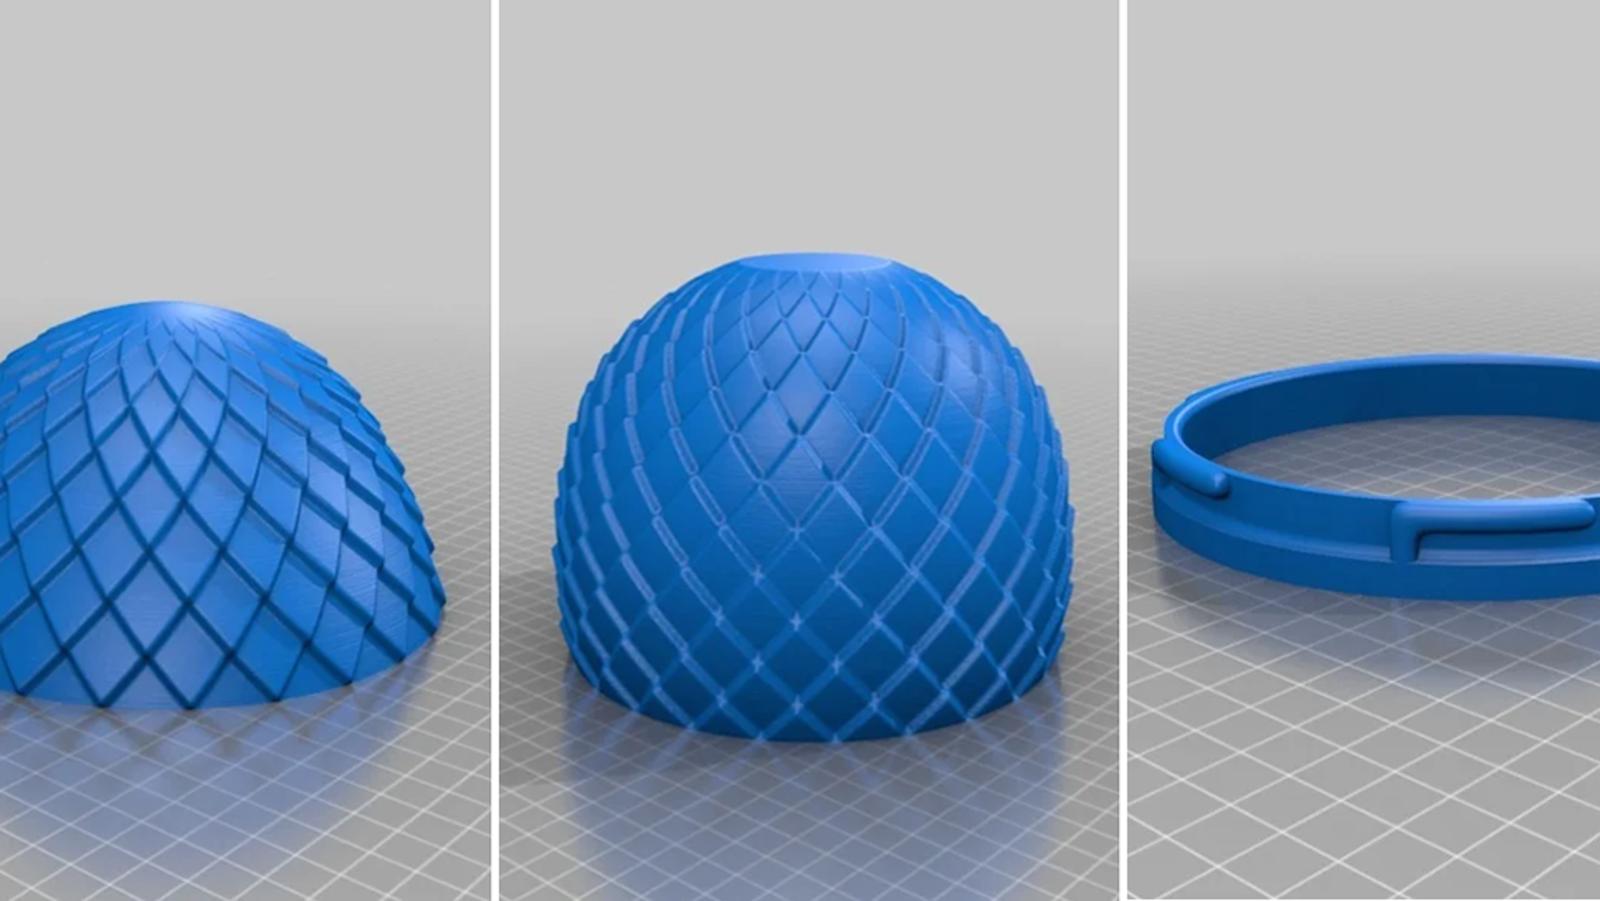 El modelo 3D de este huevo lo ha creado Lalala65765 y está disponible gratis en Thingiverse para cualquiera que quiera descargarlo.